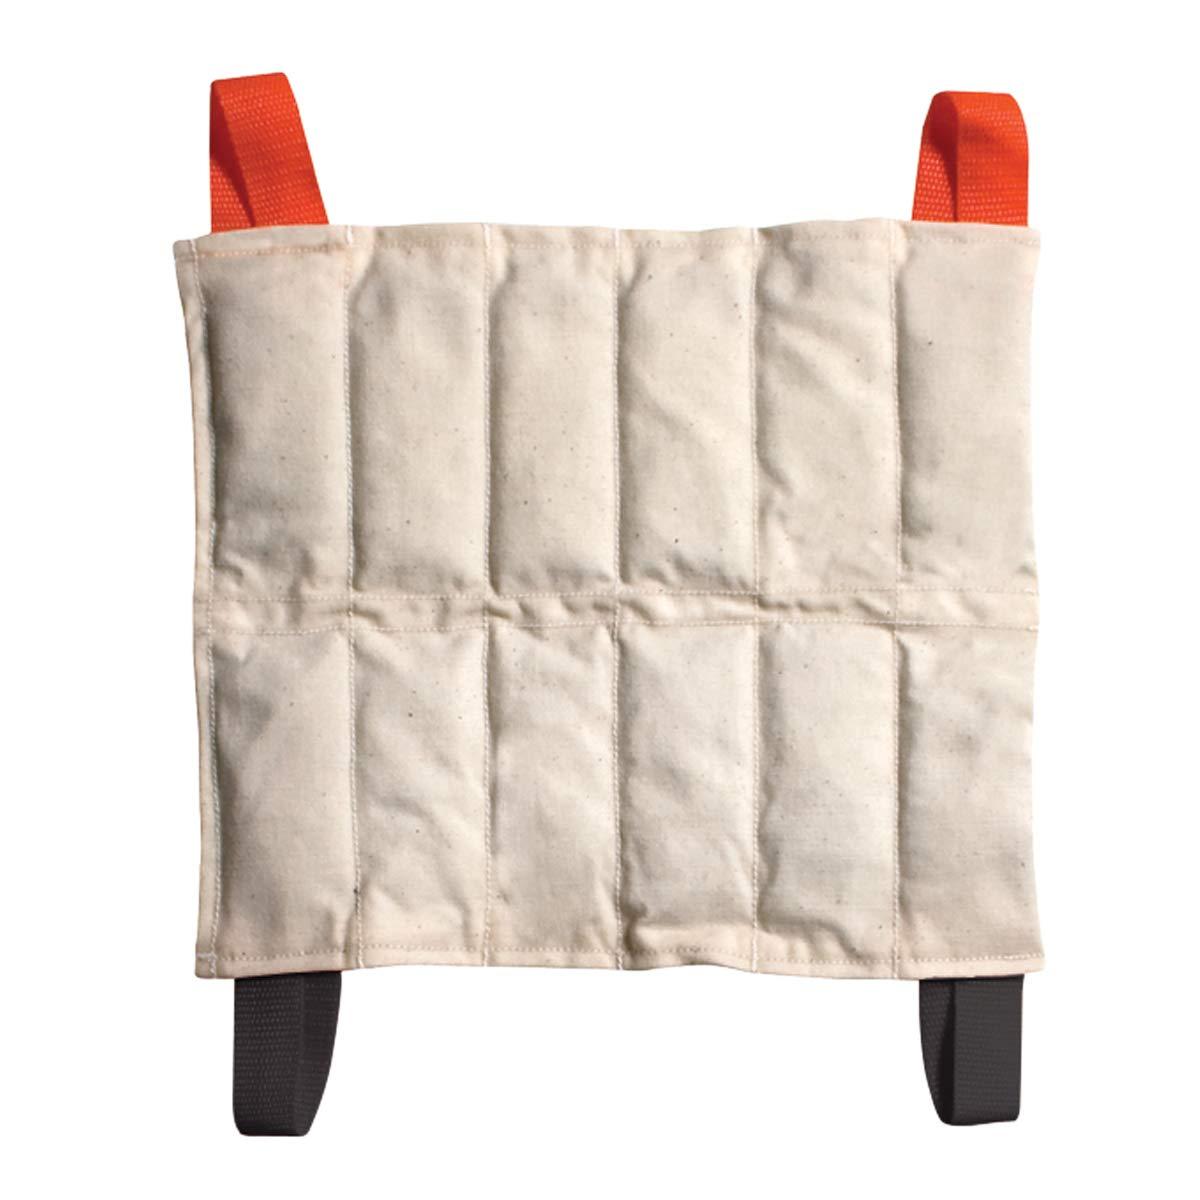 """Relief Pak 11-1310-12 Hotspot Moist Heat Pack, Standard Size, 10"""" x 12"""" (Pack of 12)"""